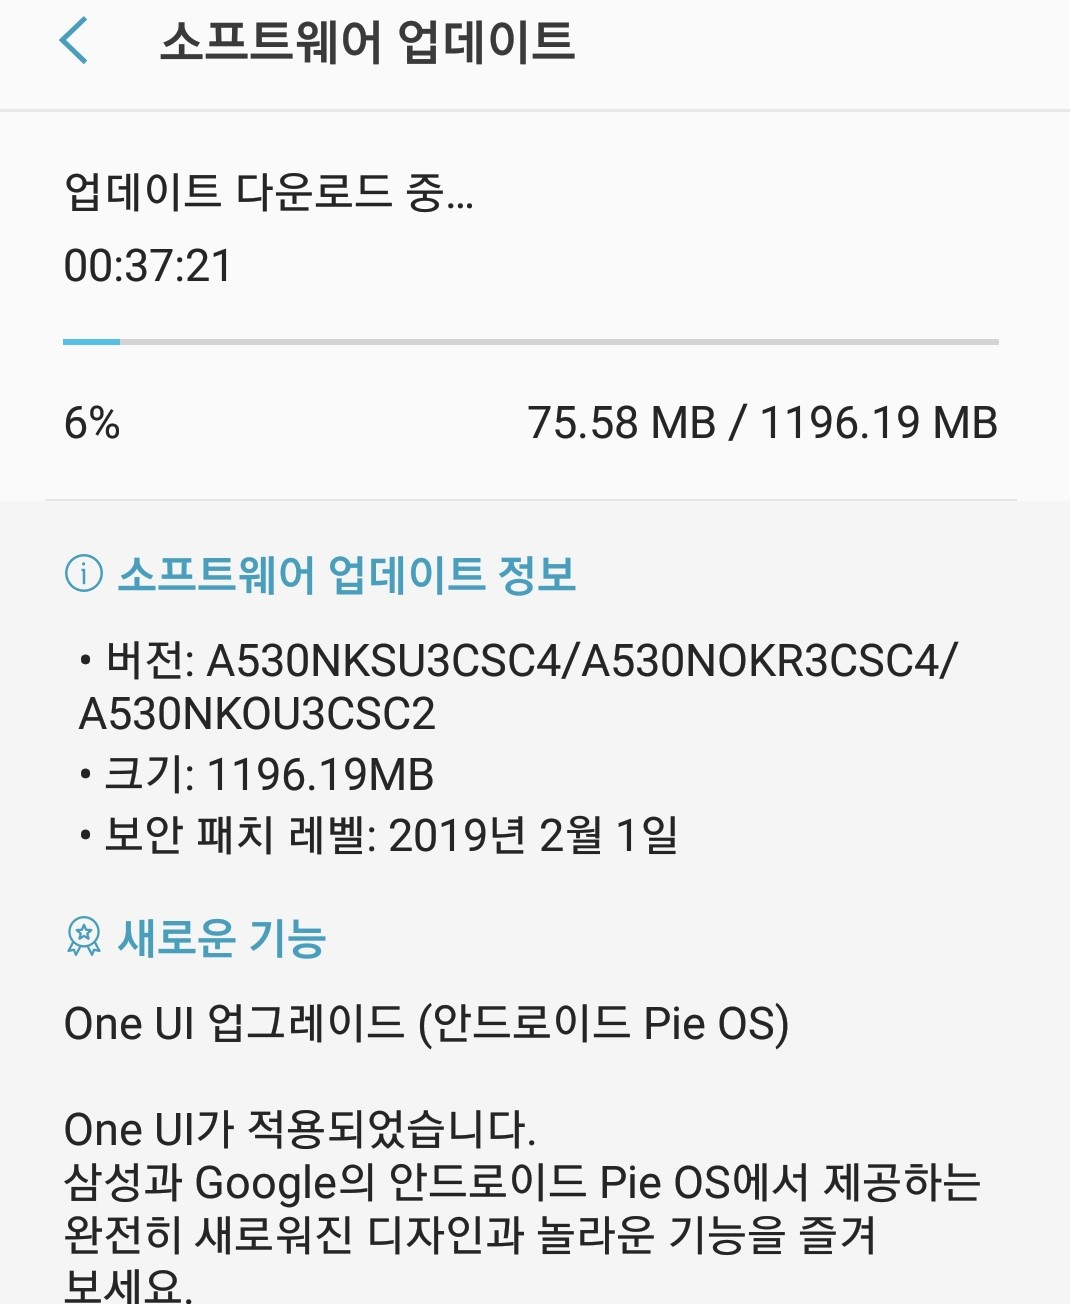 SAMSUNG GALAXY A8 (2018) 안드로이드 9.0 PIE